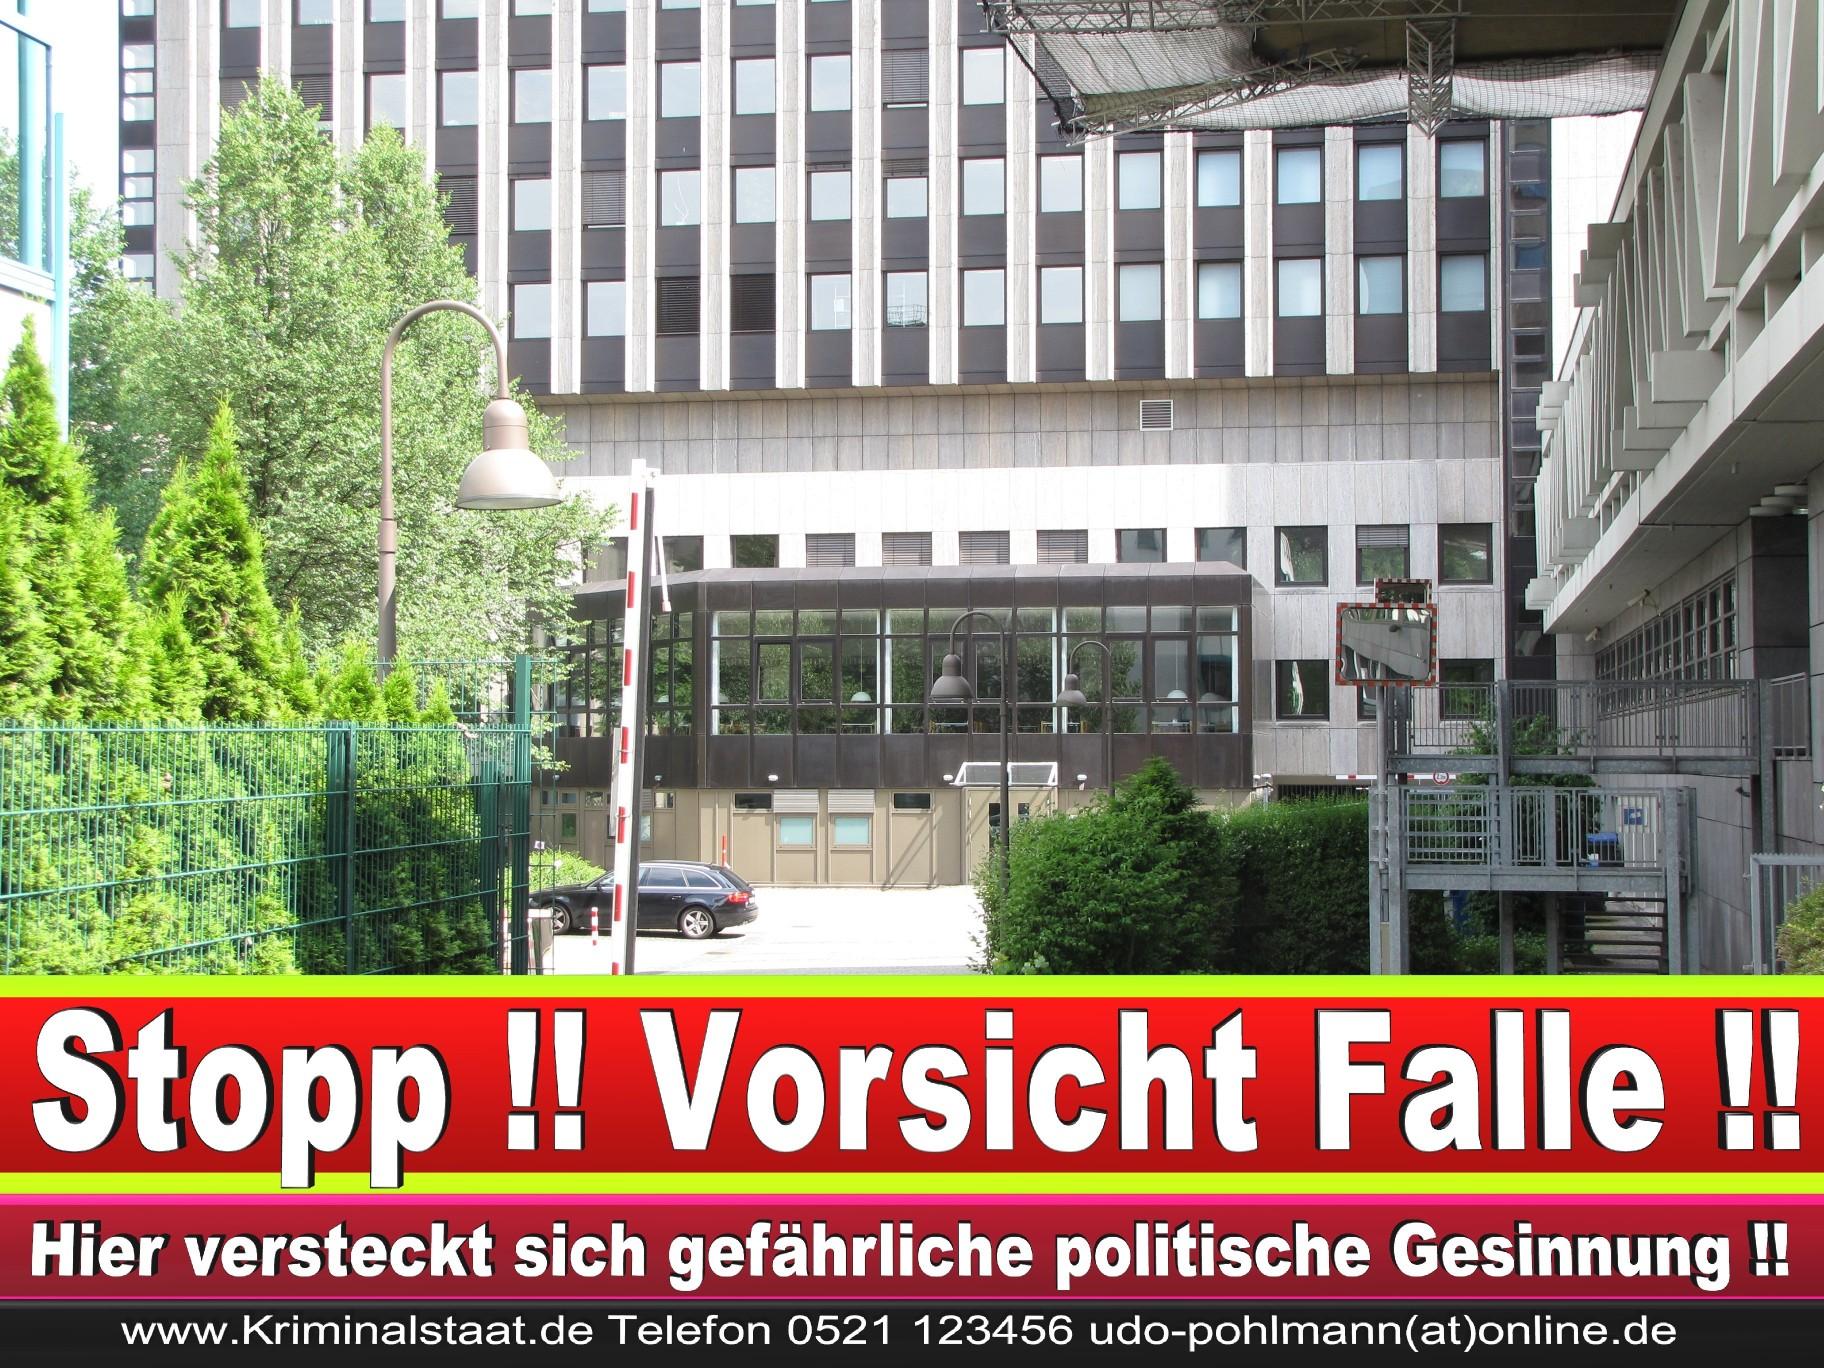 CDU Landgericht Bielefeld Landgerichtspräsident Klaus Petermann Hochstraße Bünde Jens Gnisa Richterbund Richtervereinigung 1